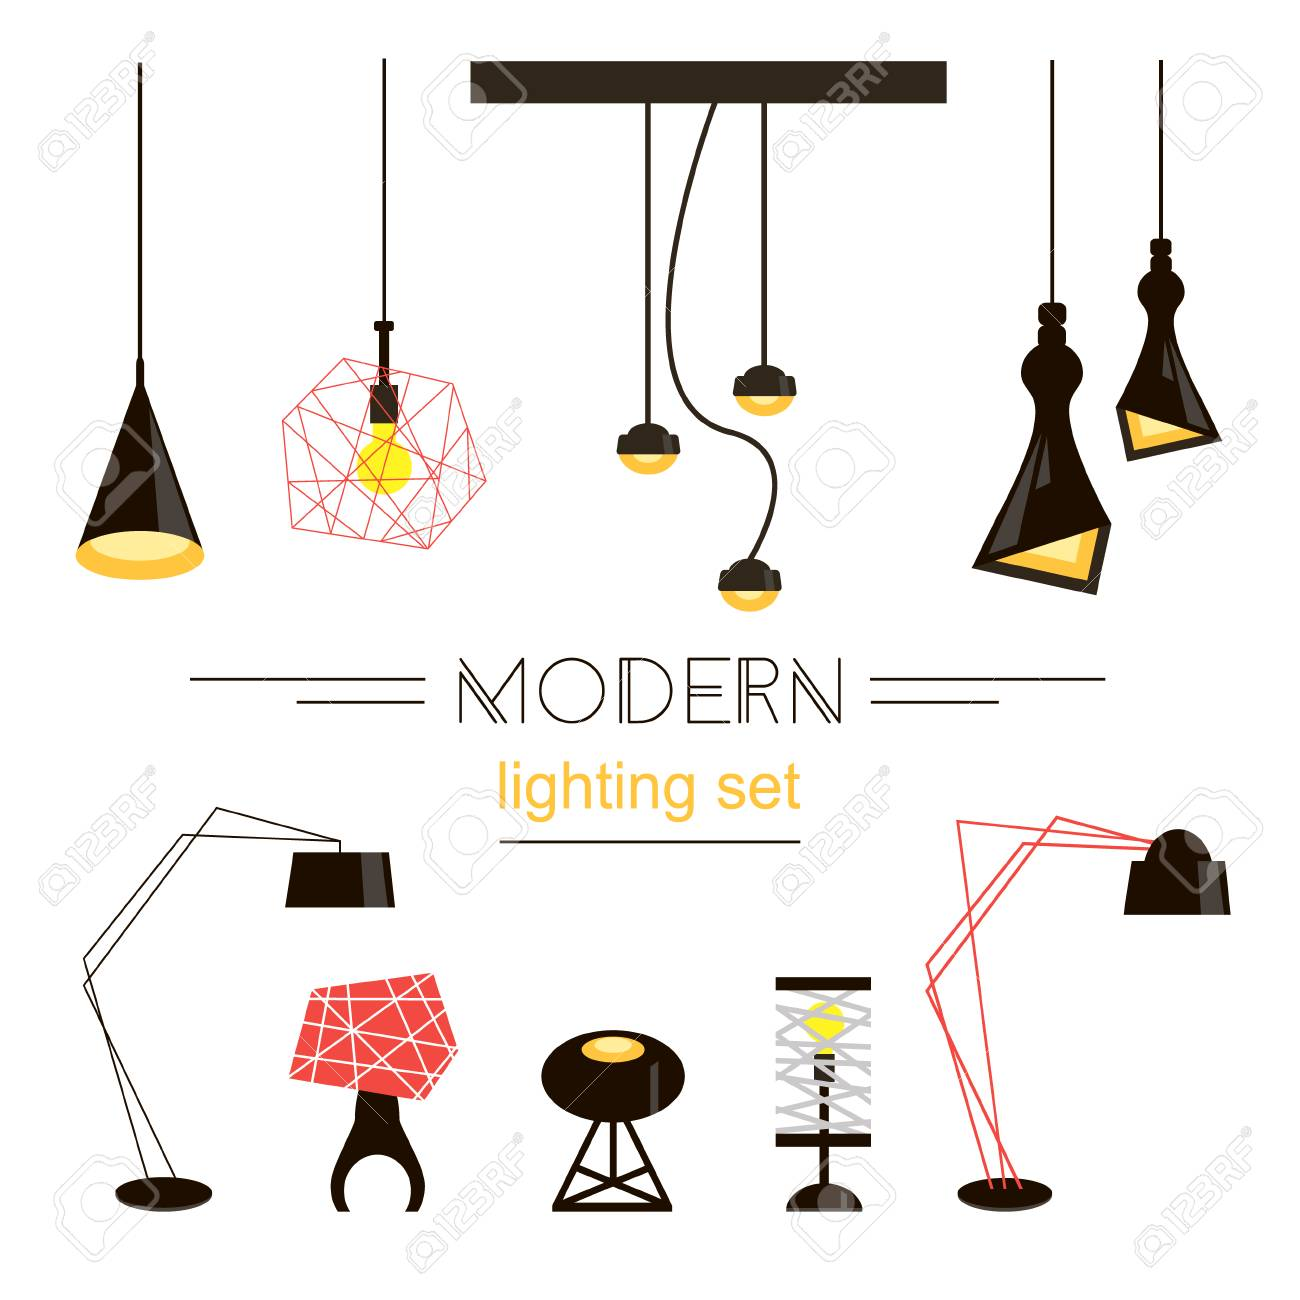 Moderne Licht Sammlung Isoliert Auf Weiß. Haus Möbel. Standard Bild    58171882